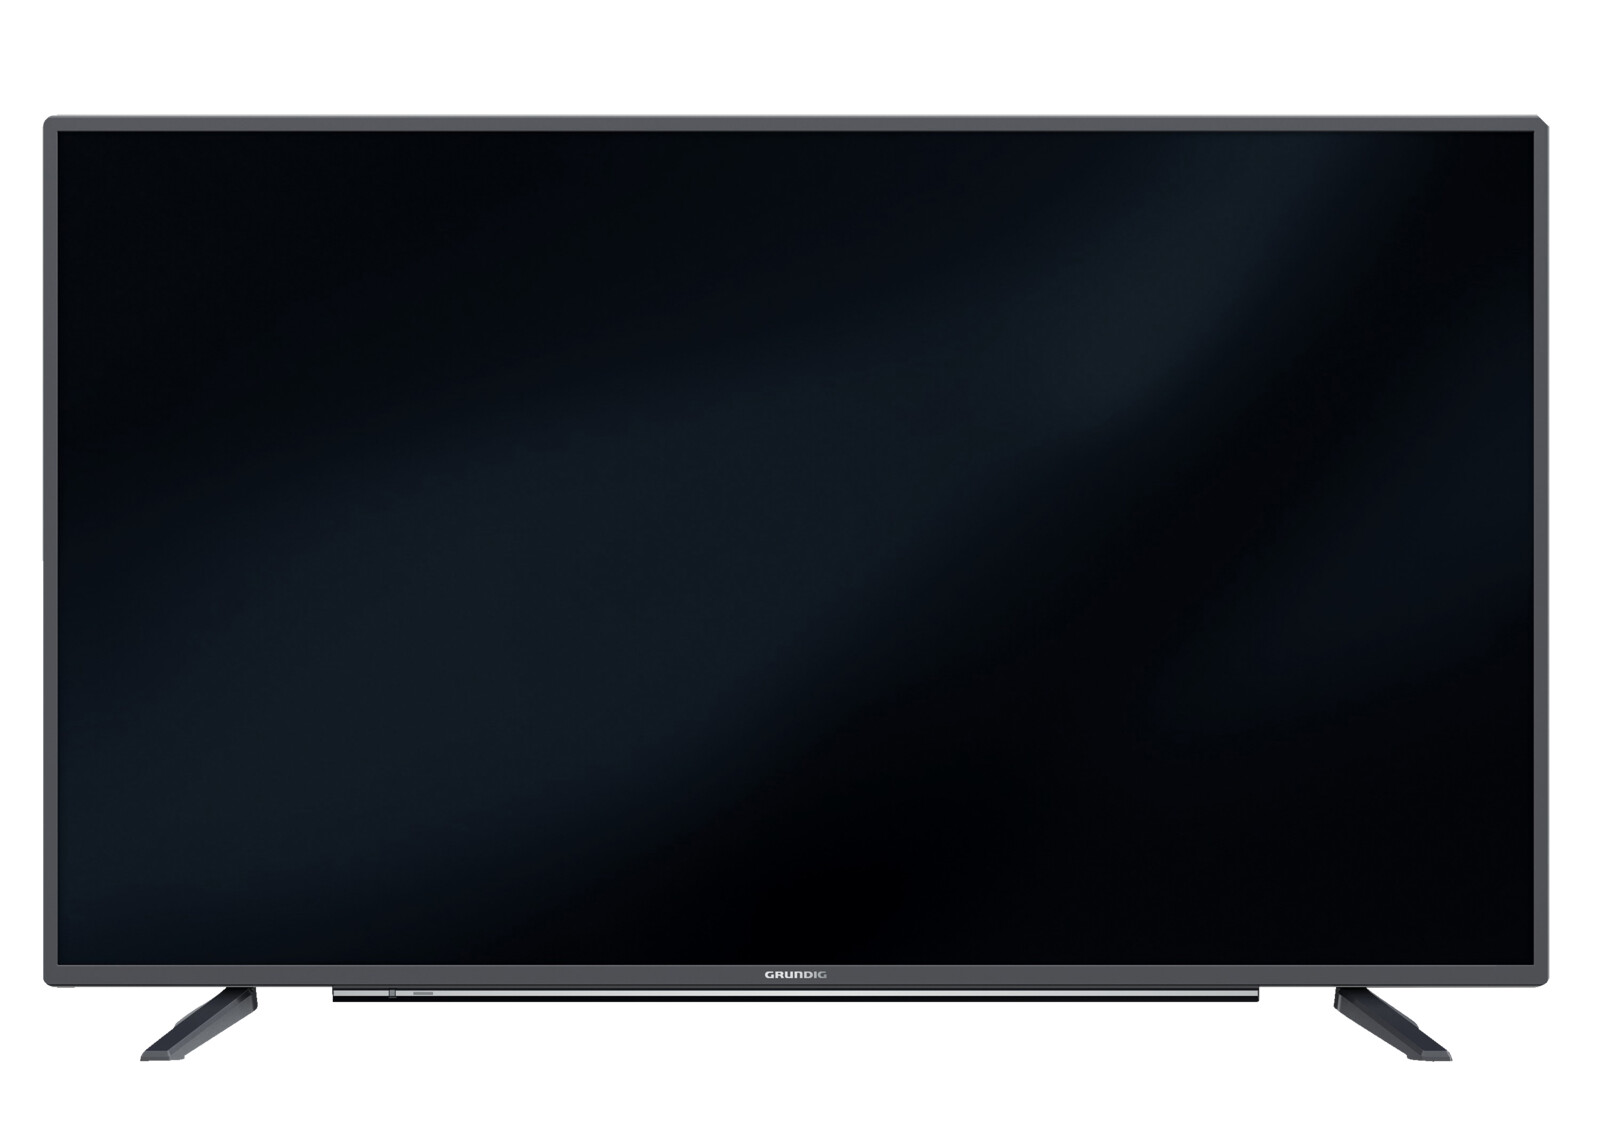 grundig 40 gut 8768 102 cm 40 zoll uhd 4k smart tv. Black Bedroom Furniture Sets. Home Design Ideas